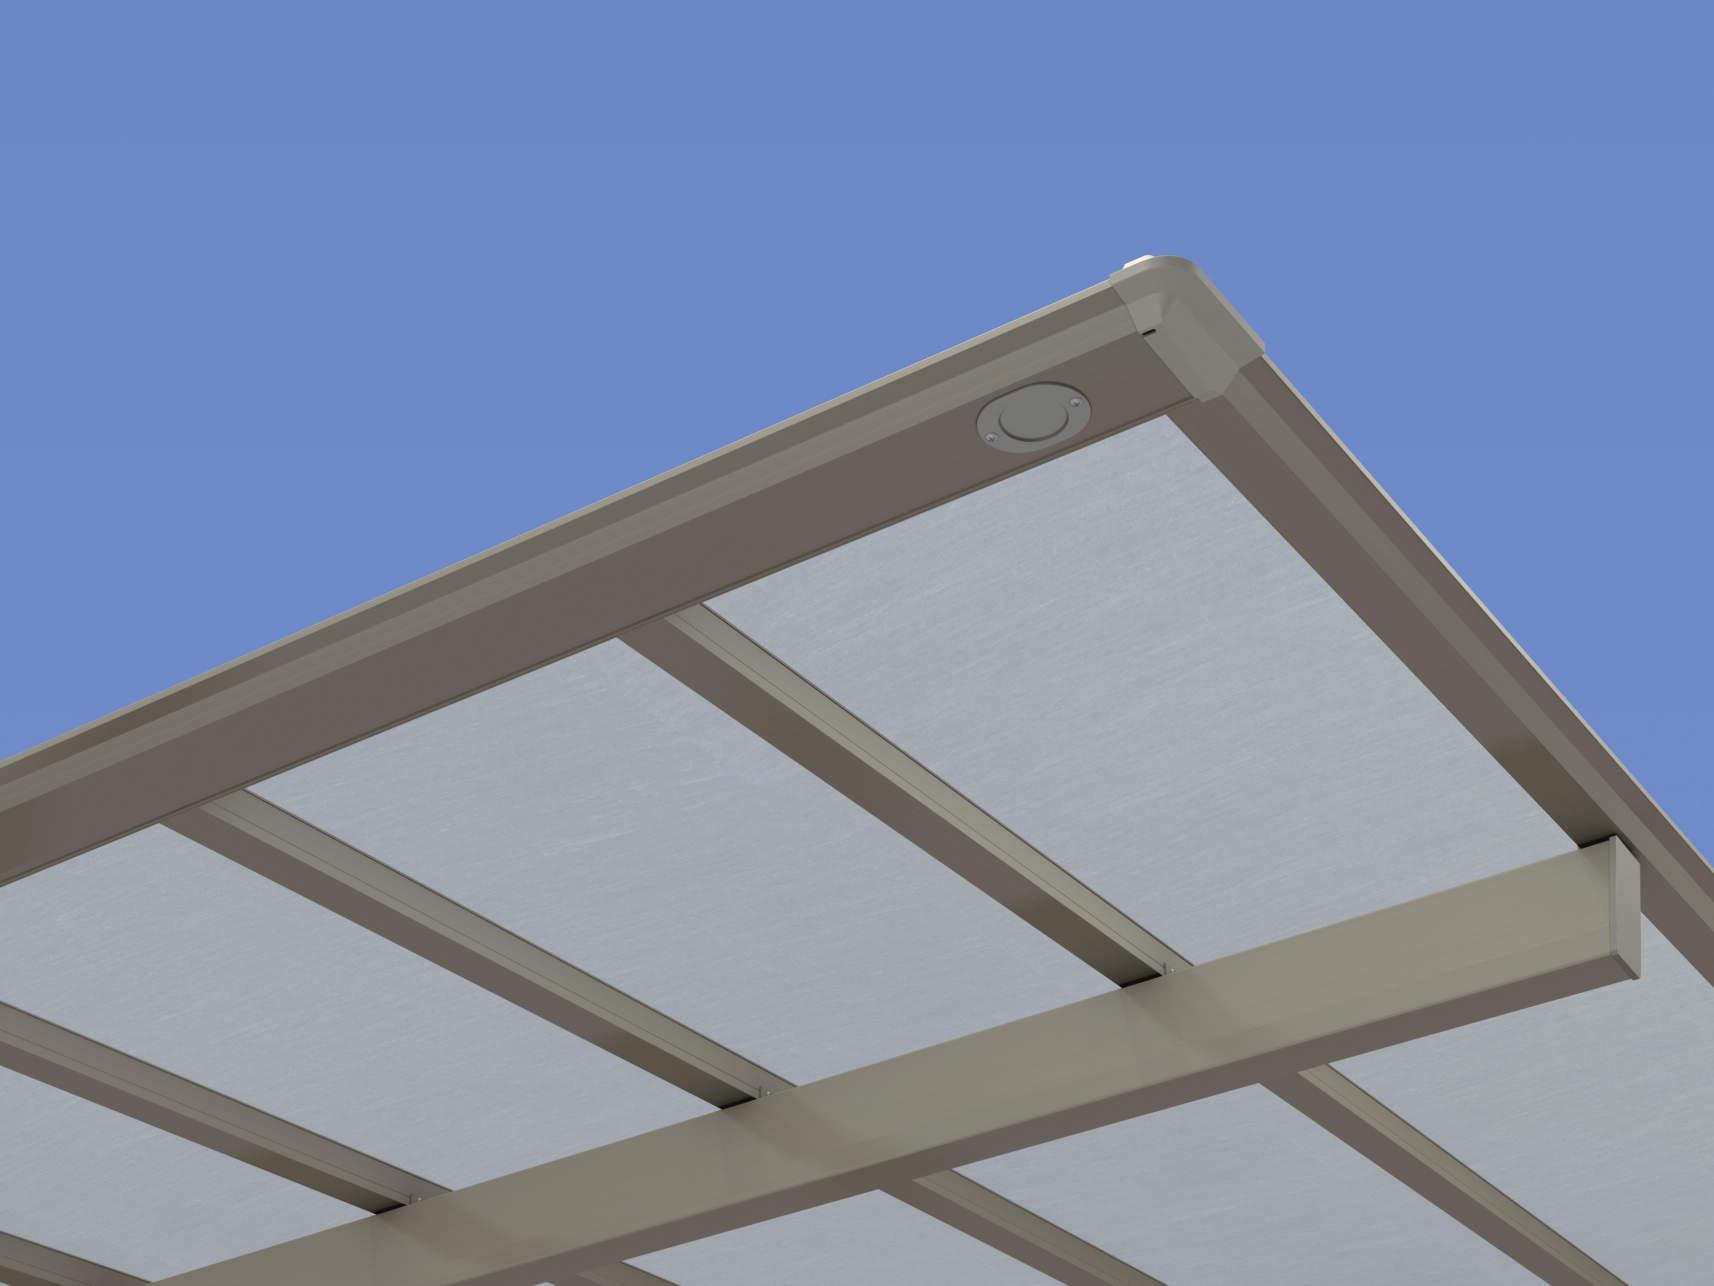 熱線遮断FRP板(防火認定屋根材)